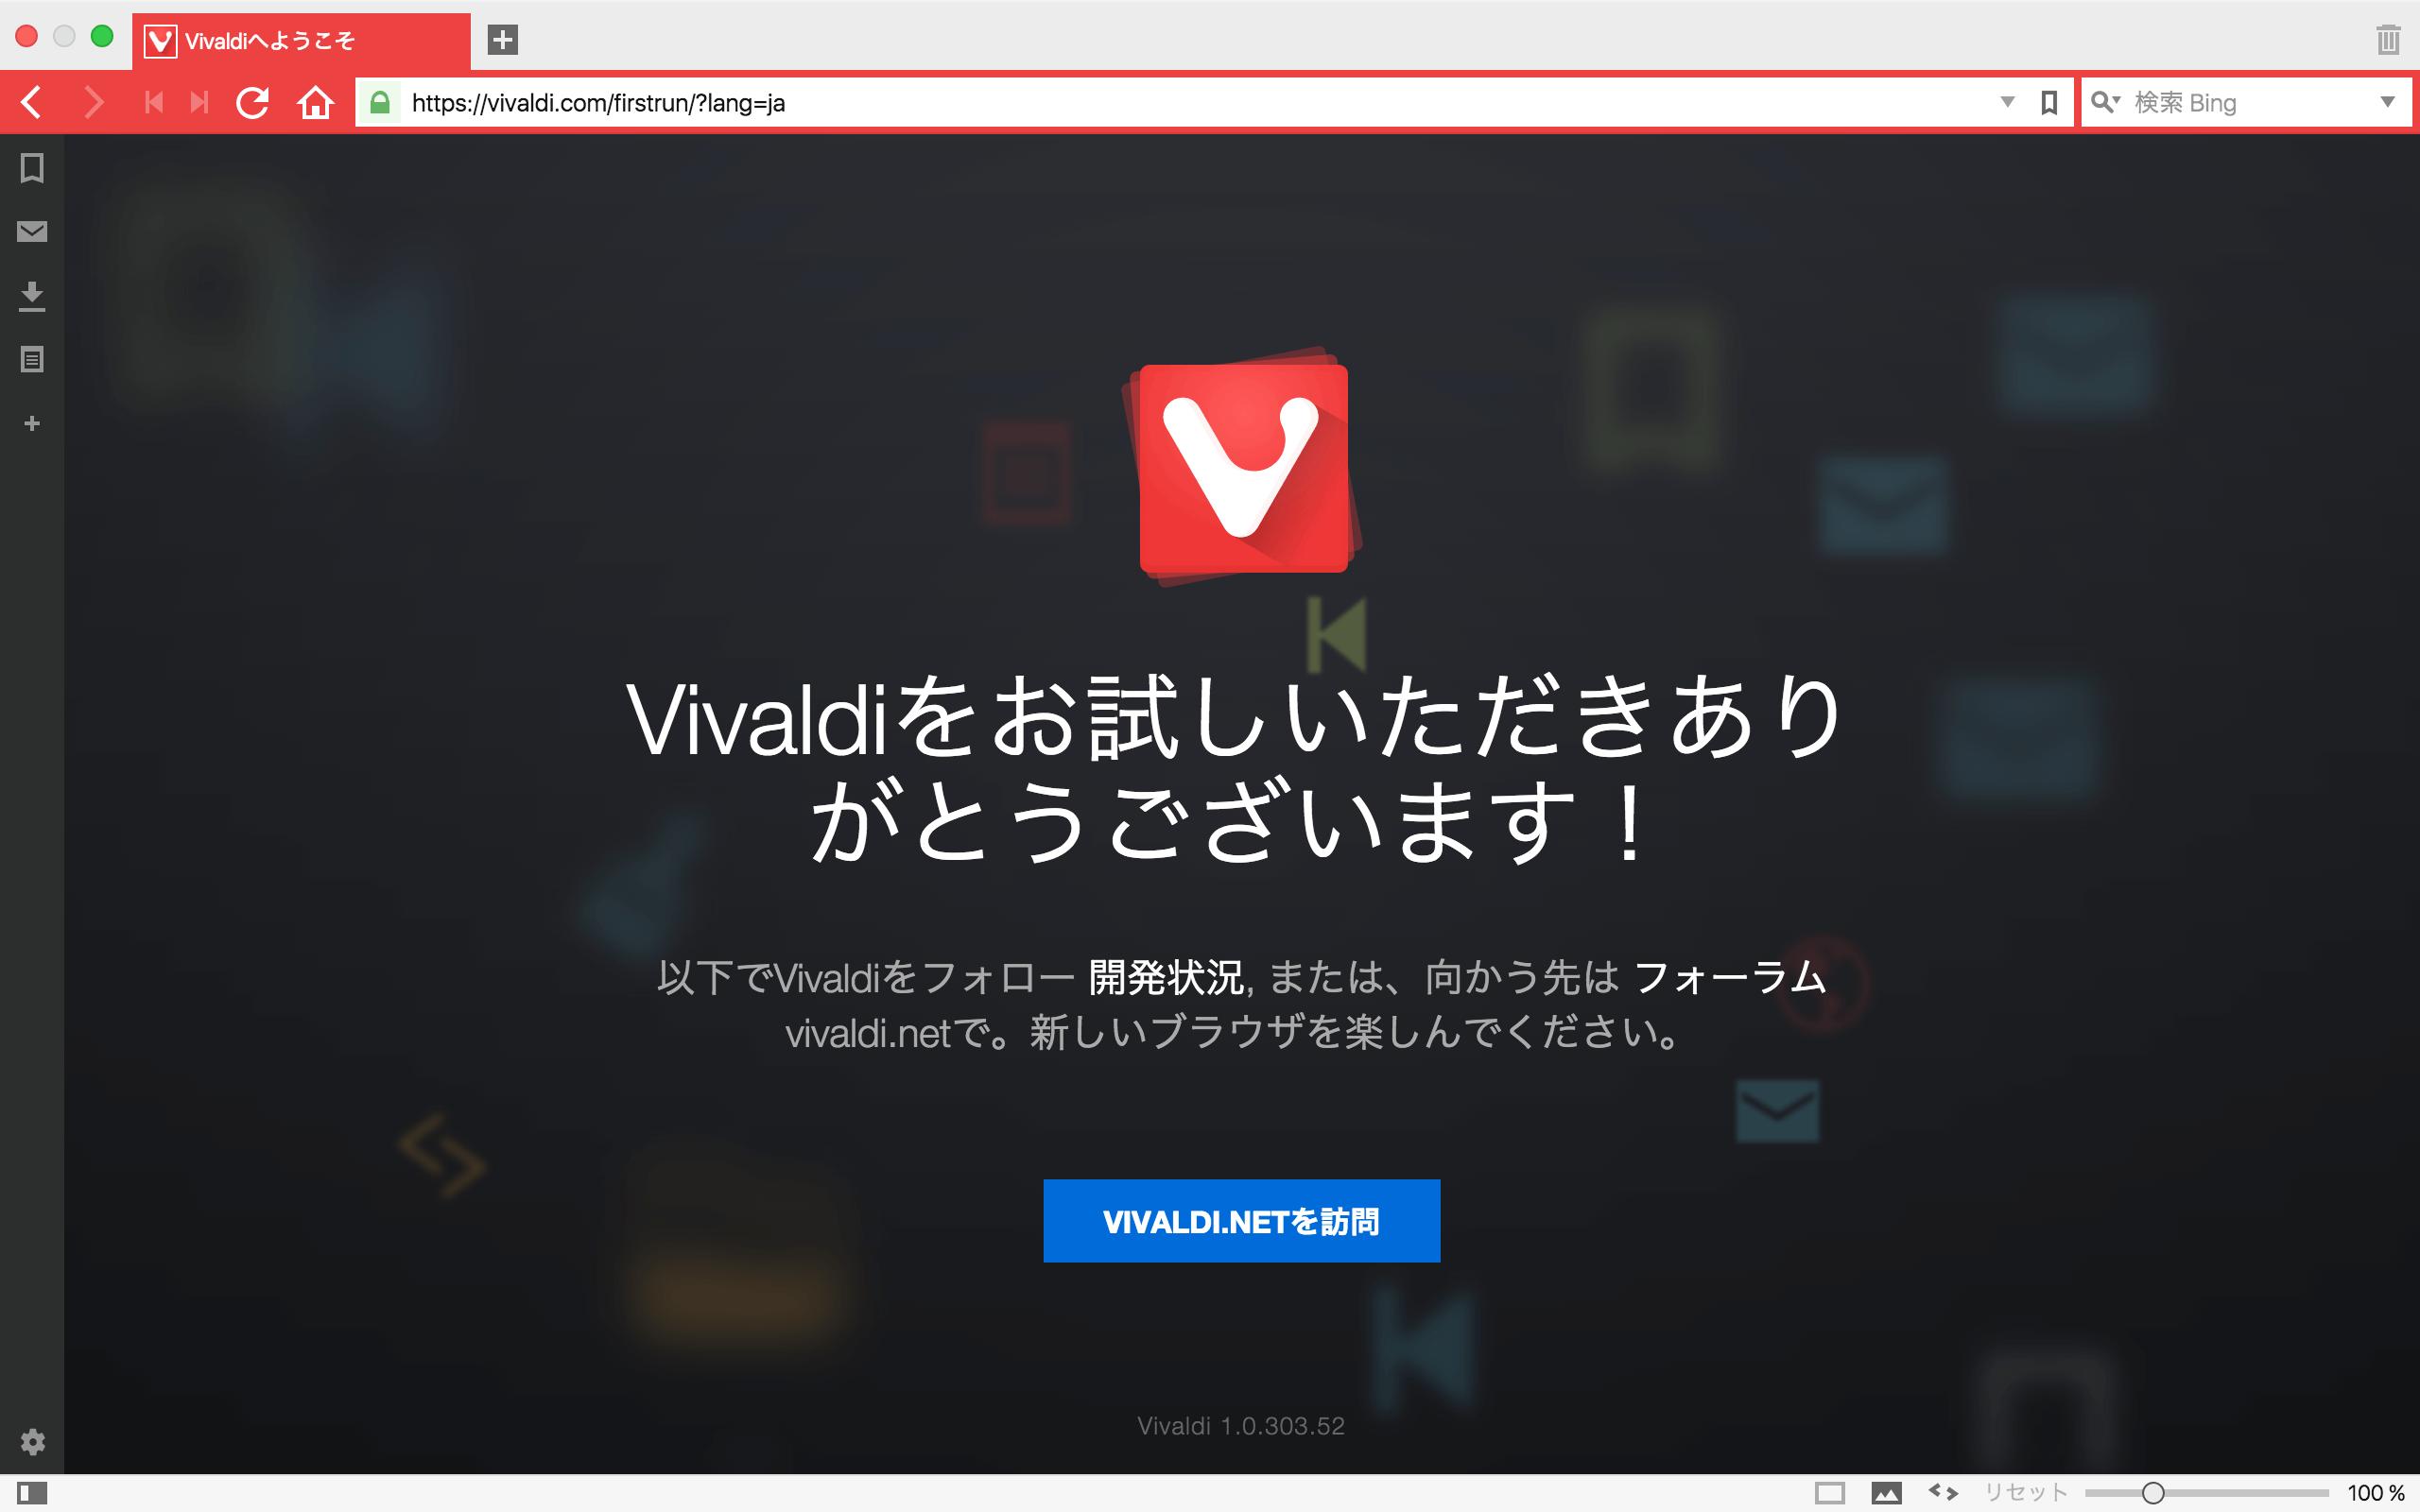 Vivaldi Vivaldi